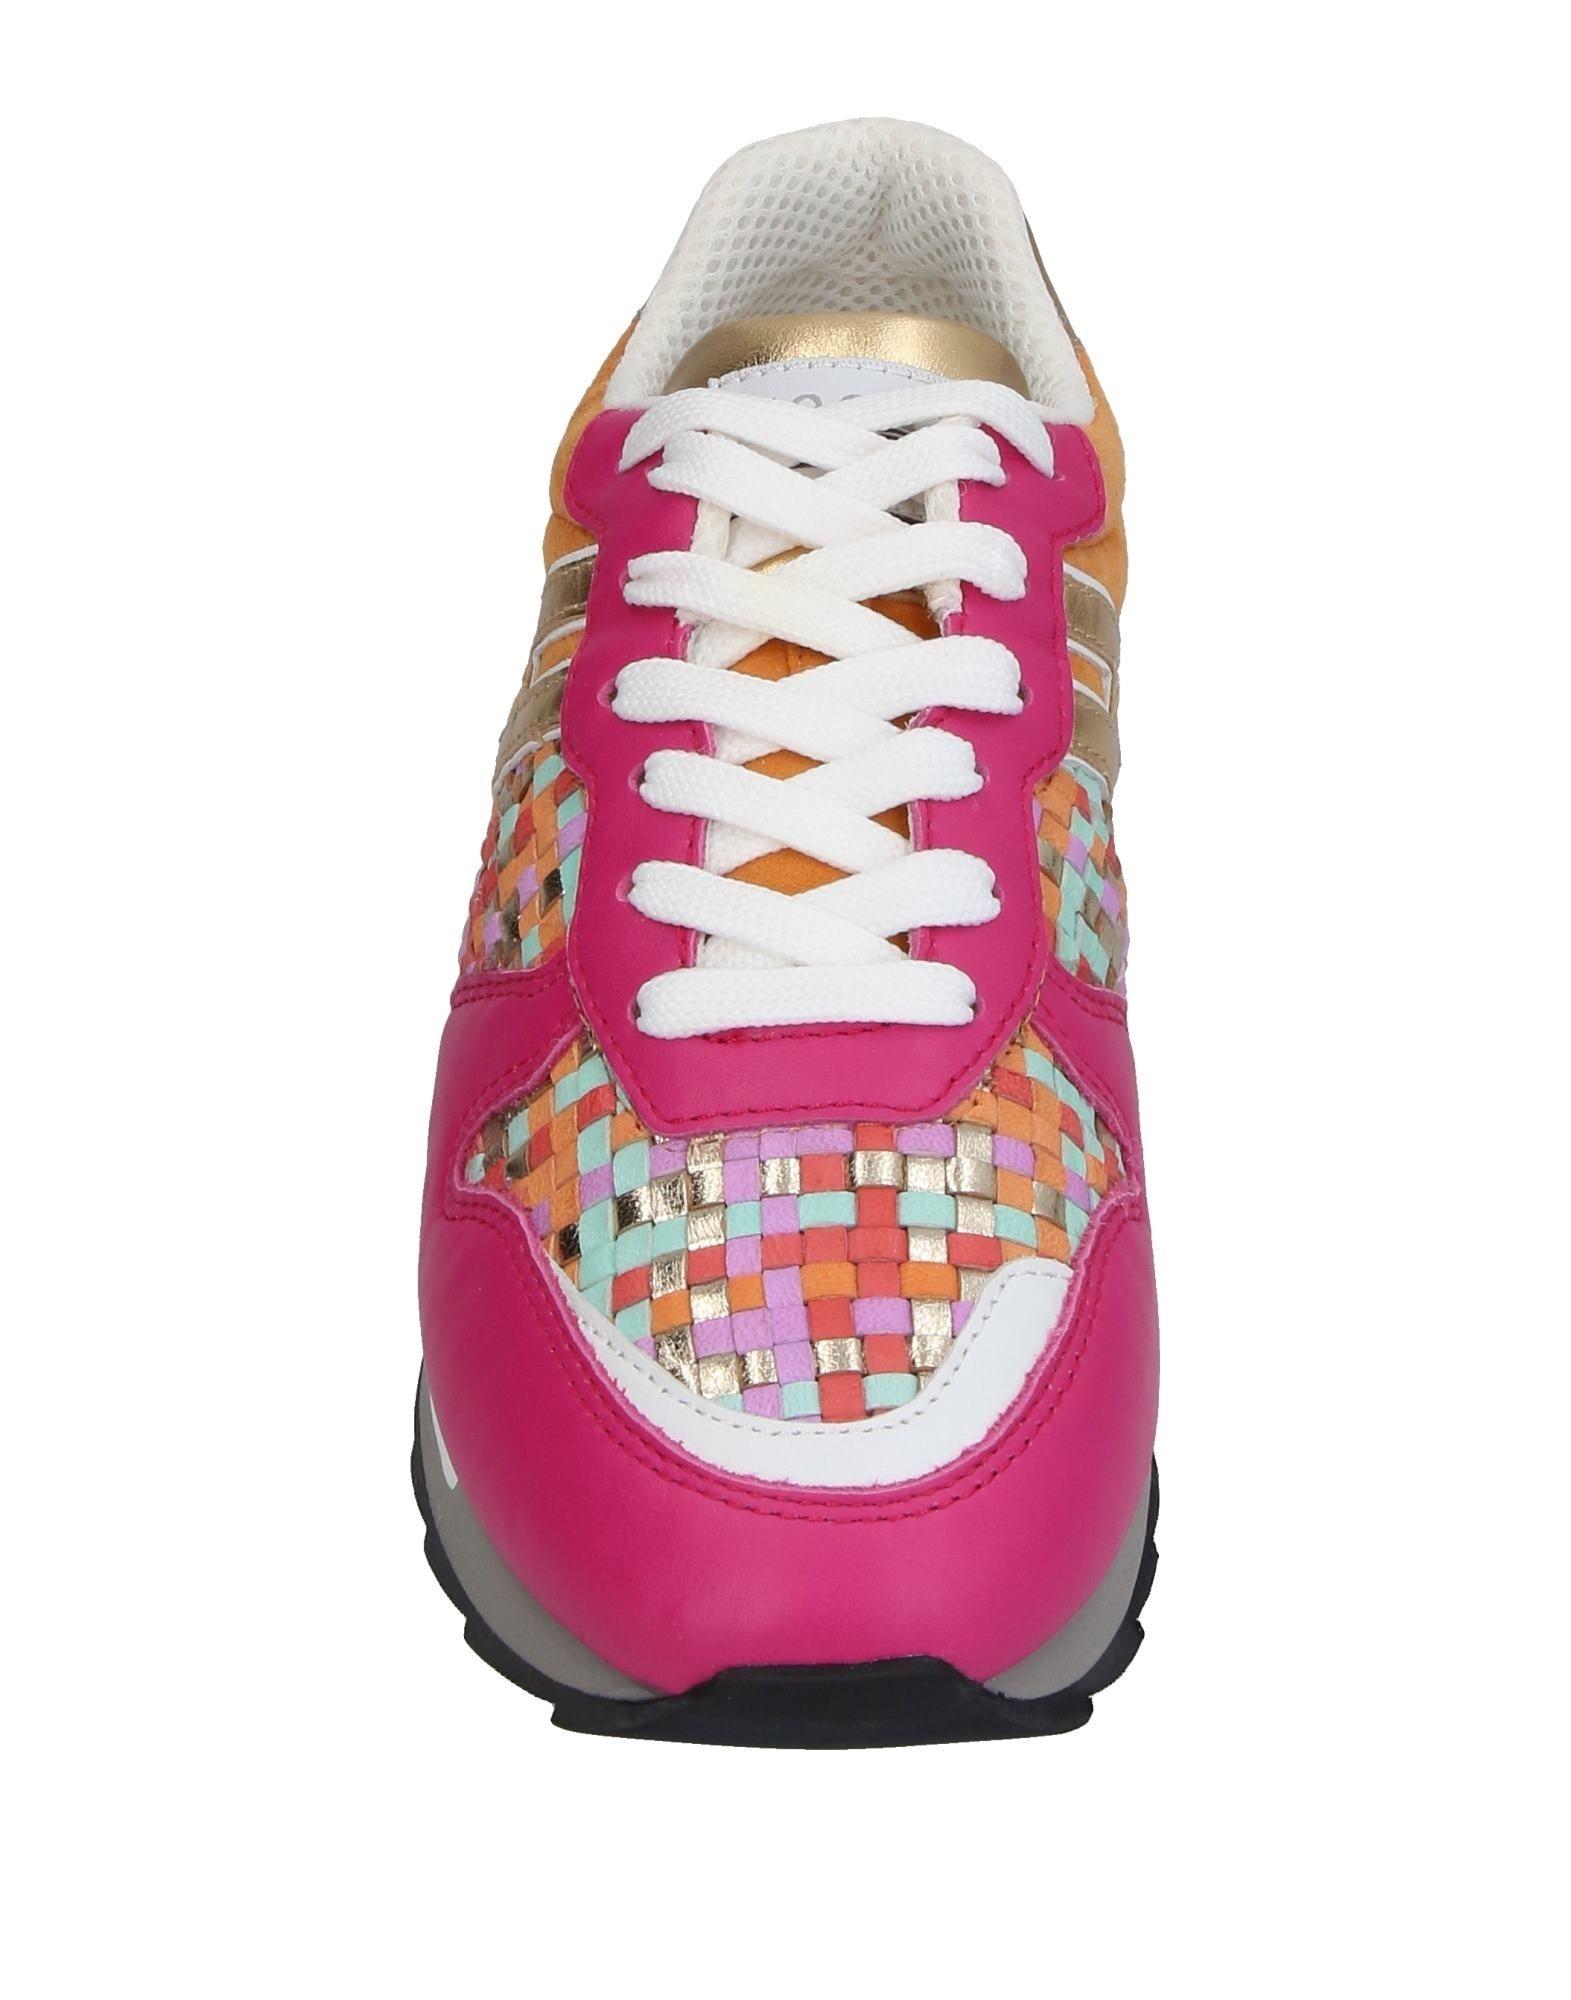 Hogan Hogan Rebel Sneakers - Women Hogan Hogan Rebel Sneakers online on  United Kingdom - 11396064HB 1c765f